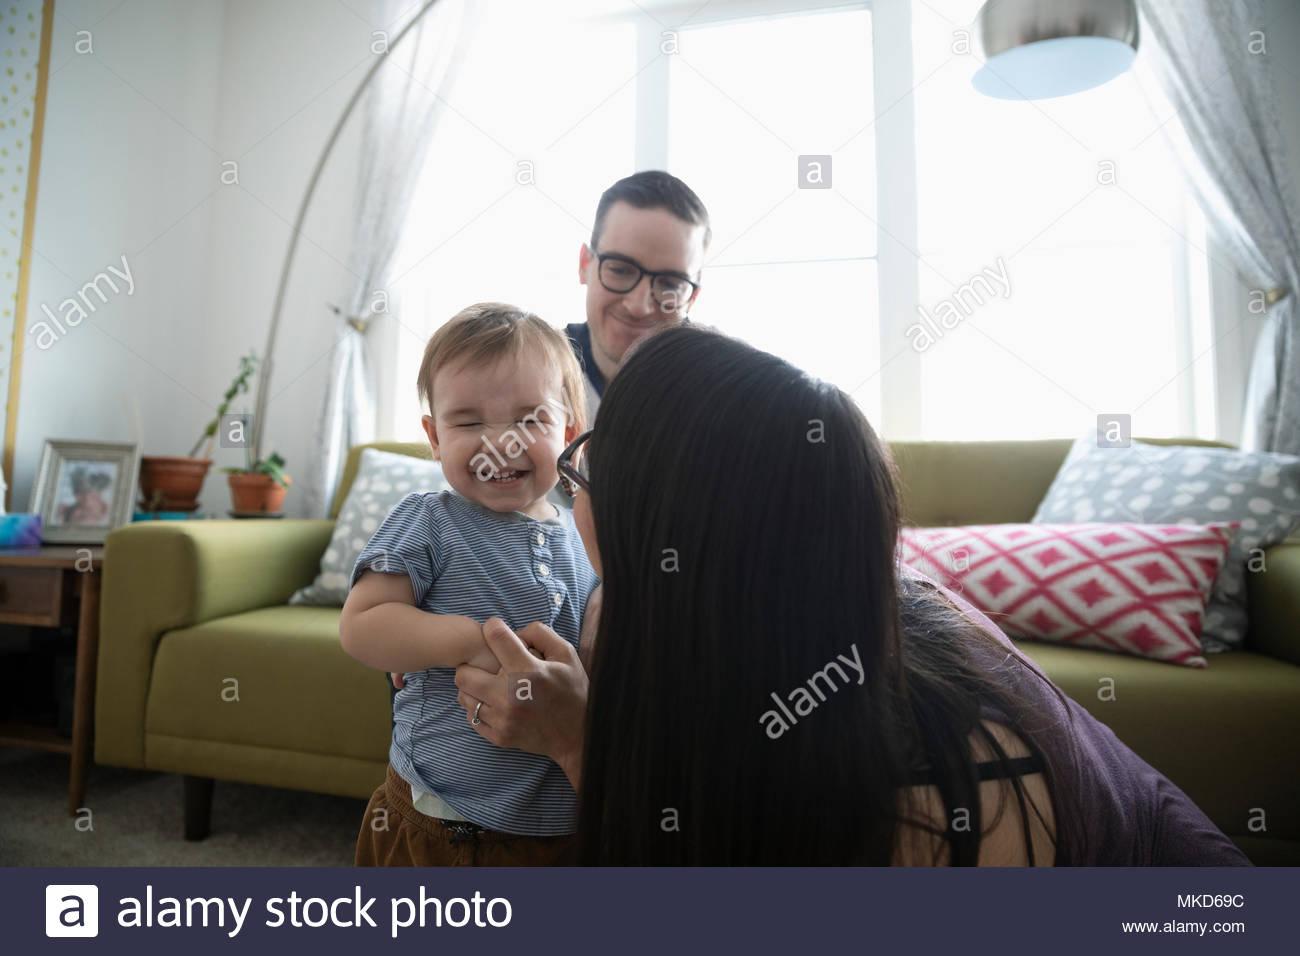 Liebevolle Eltern spielen mit lachendes Baby Sohn im Wohnzimmer Stockbild